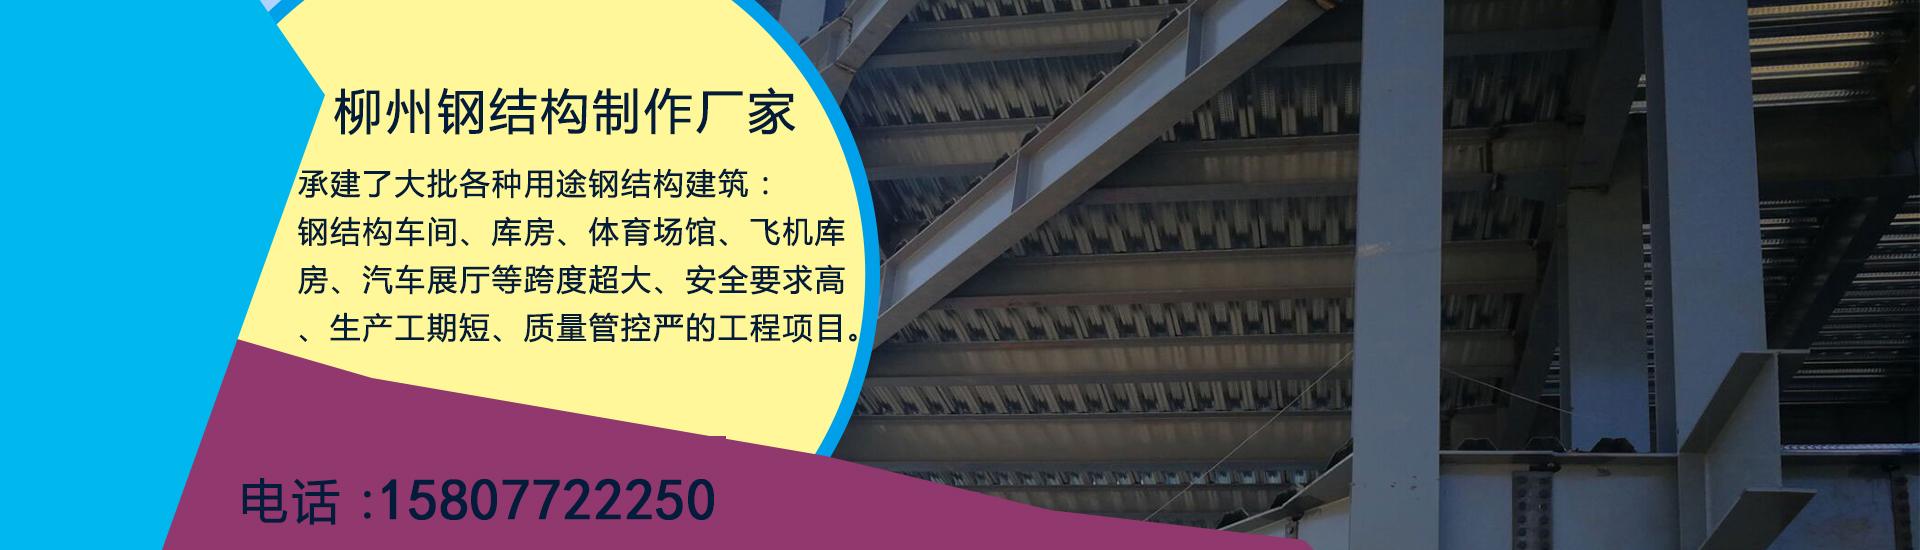 柳州钢结构工程